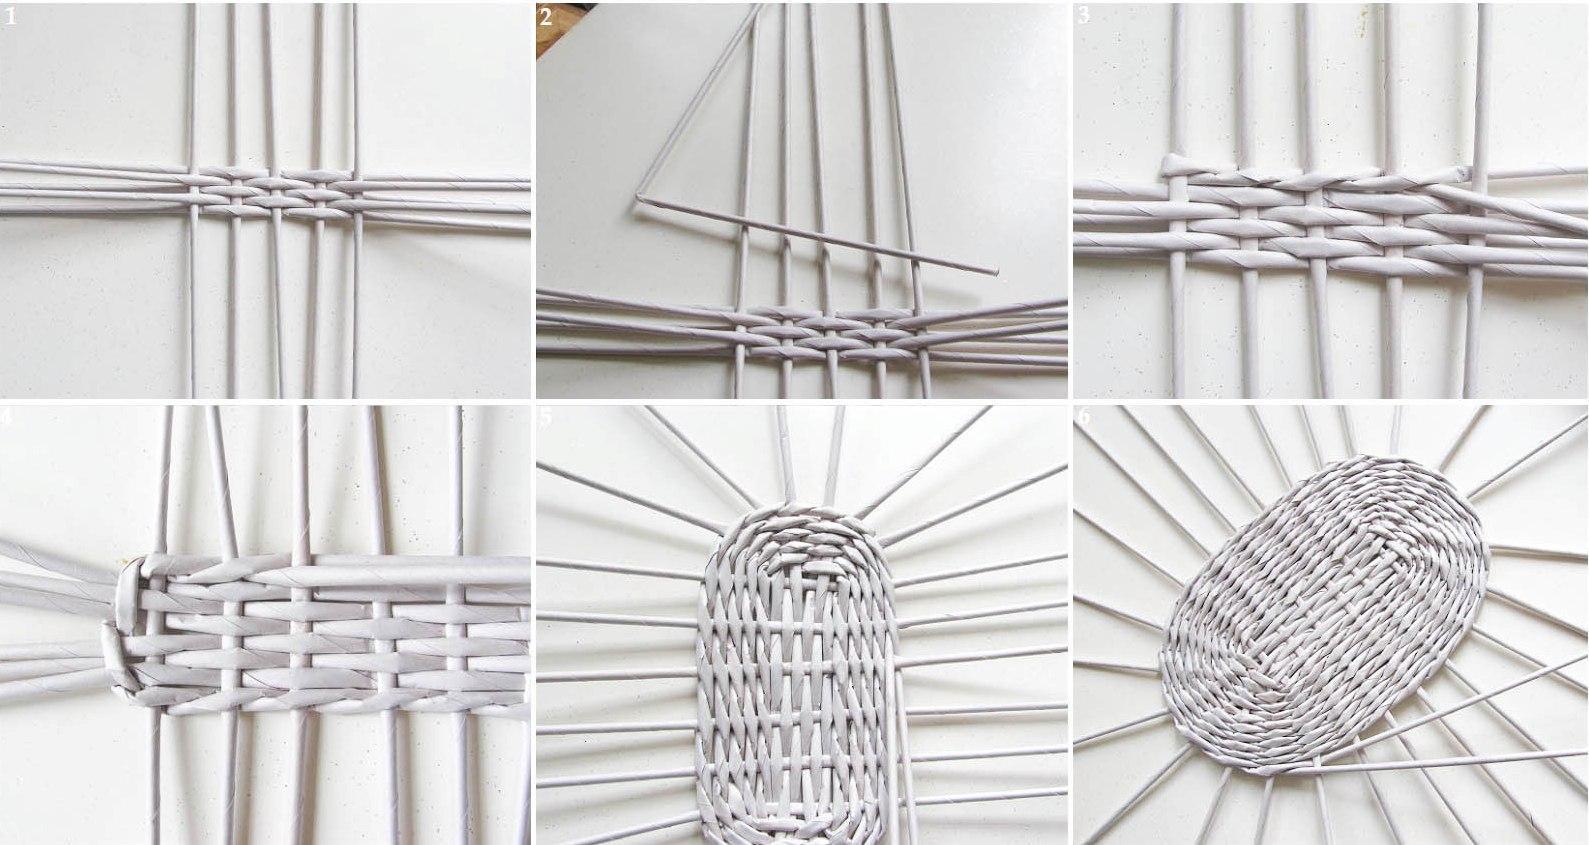 Корзина для белья своими руками - как создать домашние аксессуары? корзины hand-made: из газетных трубочек, из ткани на каркасе